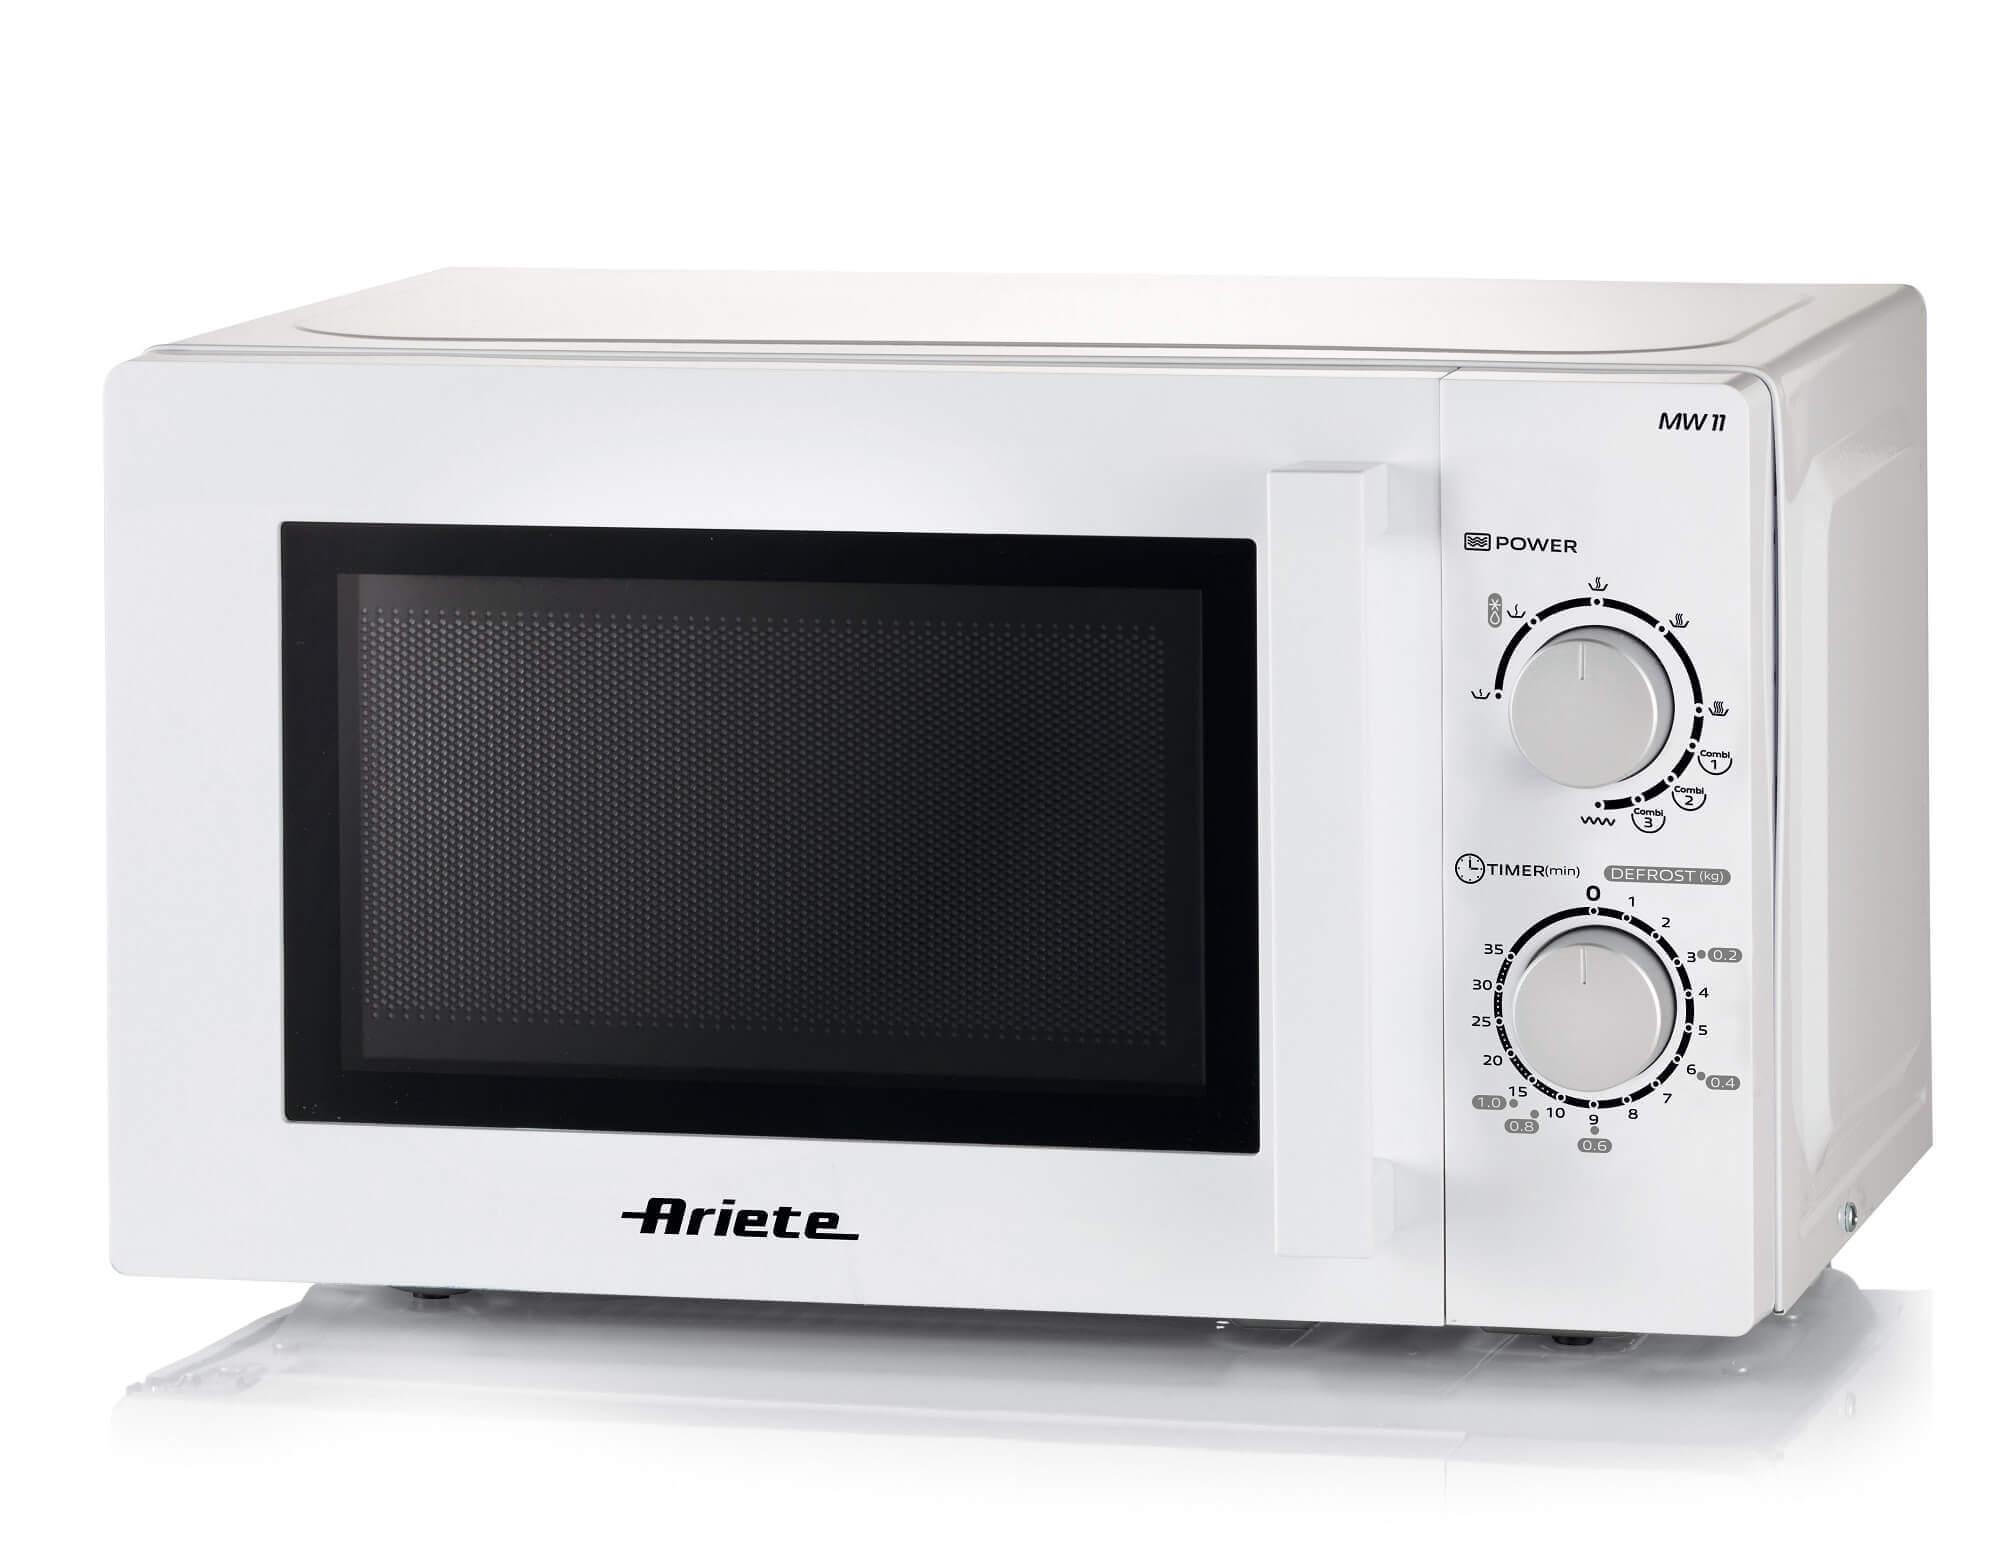 Ariete 952 - Forno a Microonde Combinato con Grill - Ariete